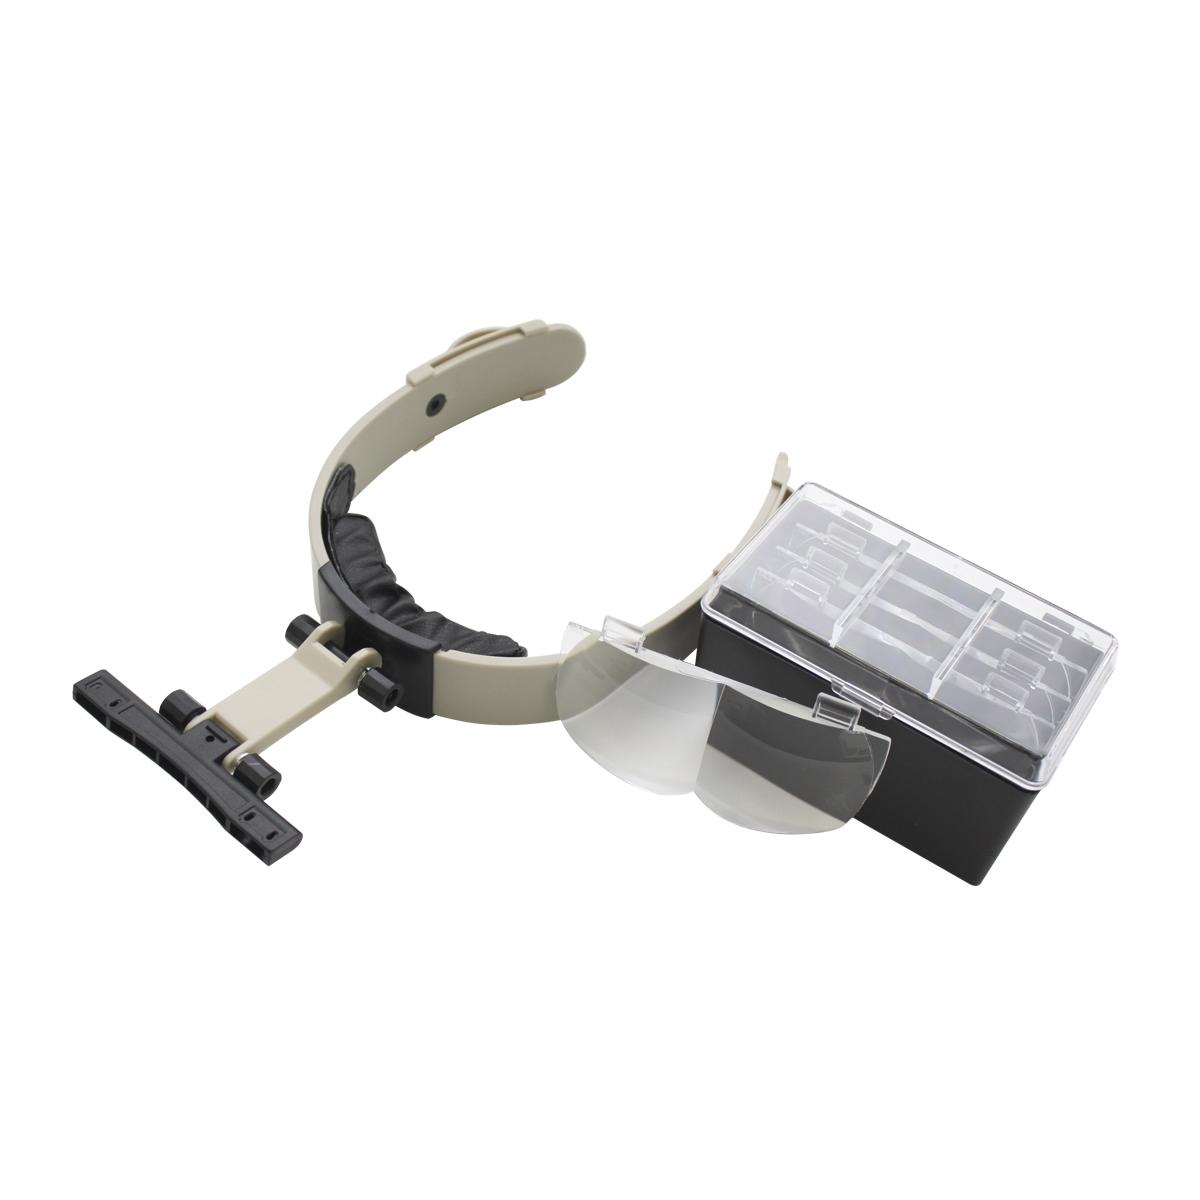 Лупа Bestex с креплением на голову. MG81002-A лупа bestex с креплением на голову и подсветкой mg81001 a